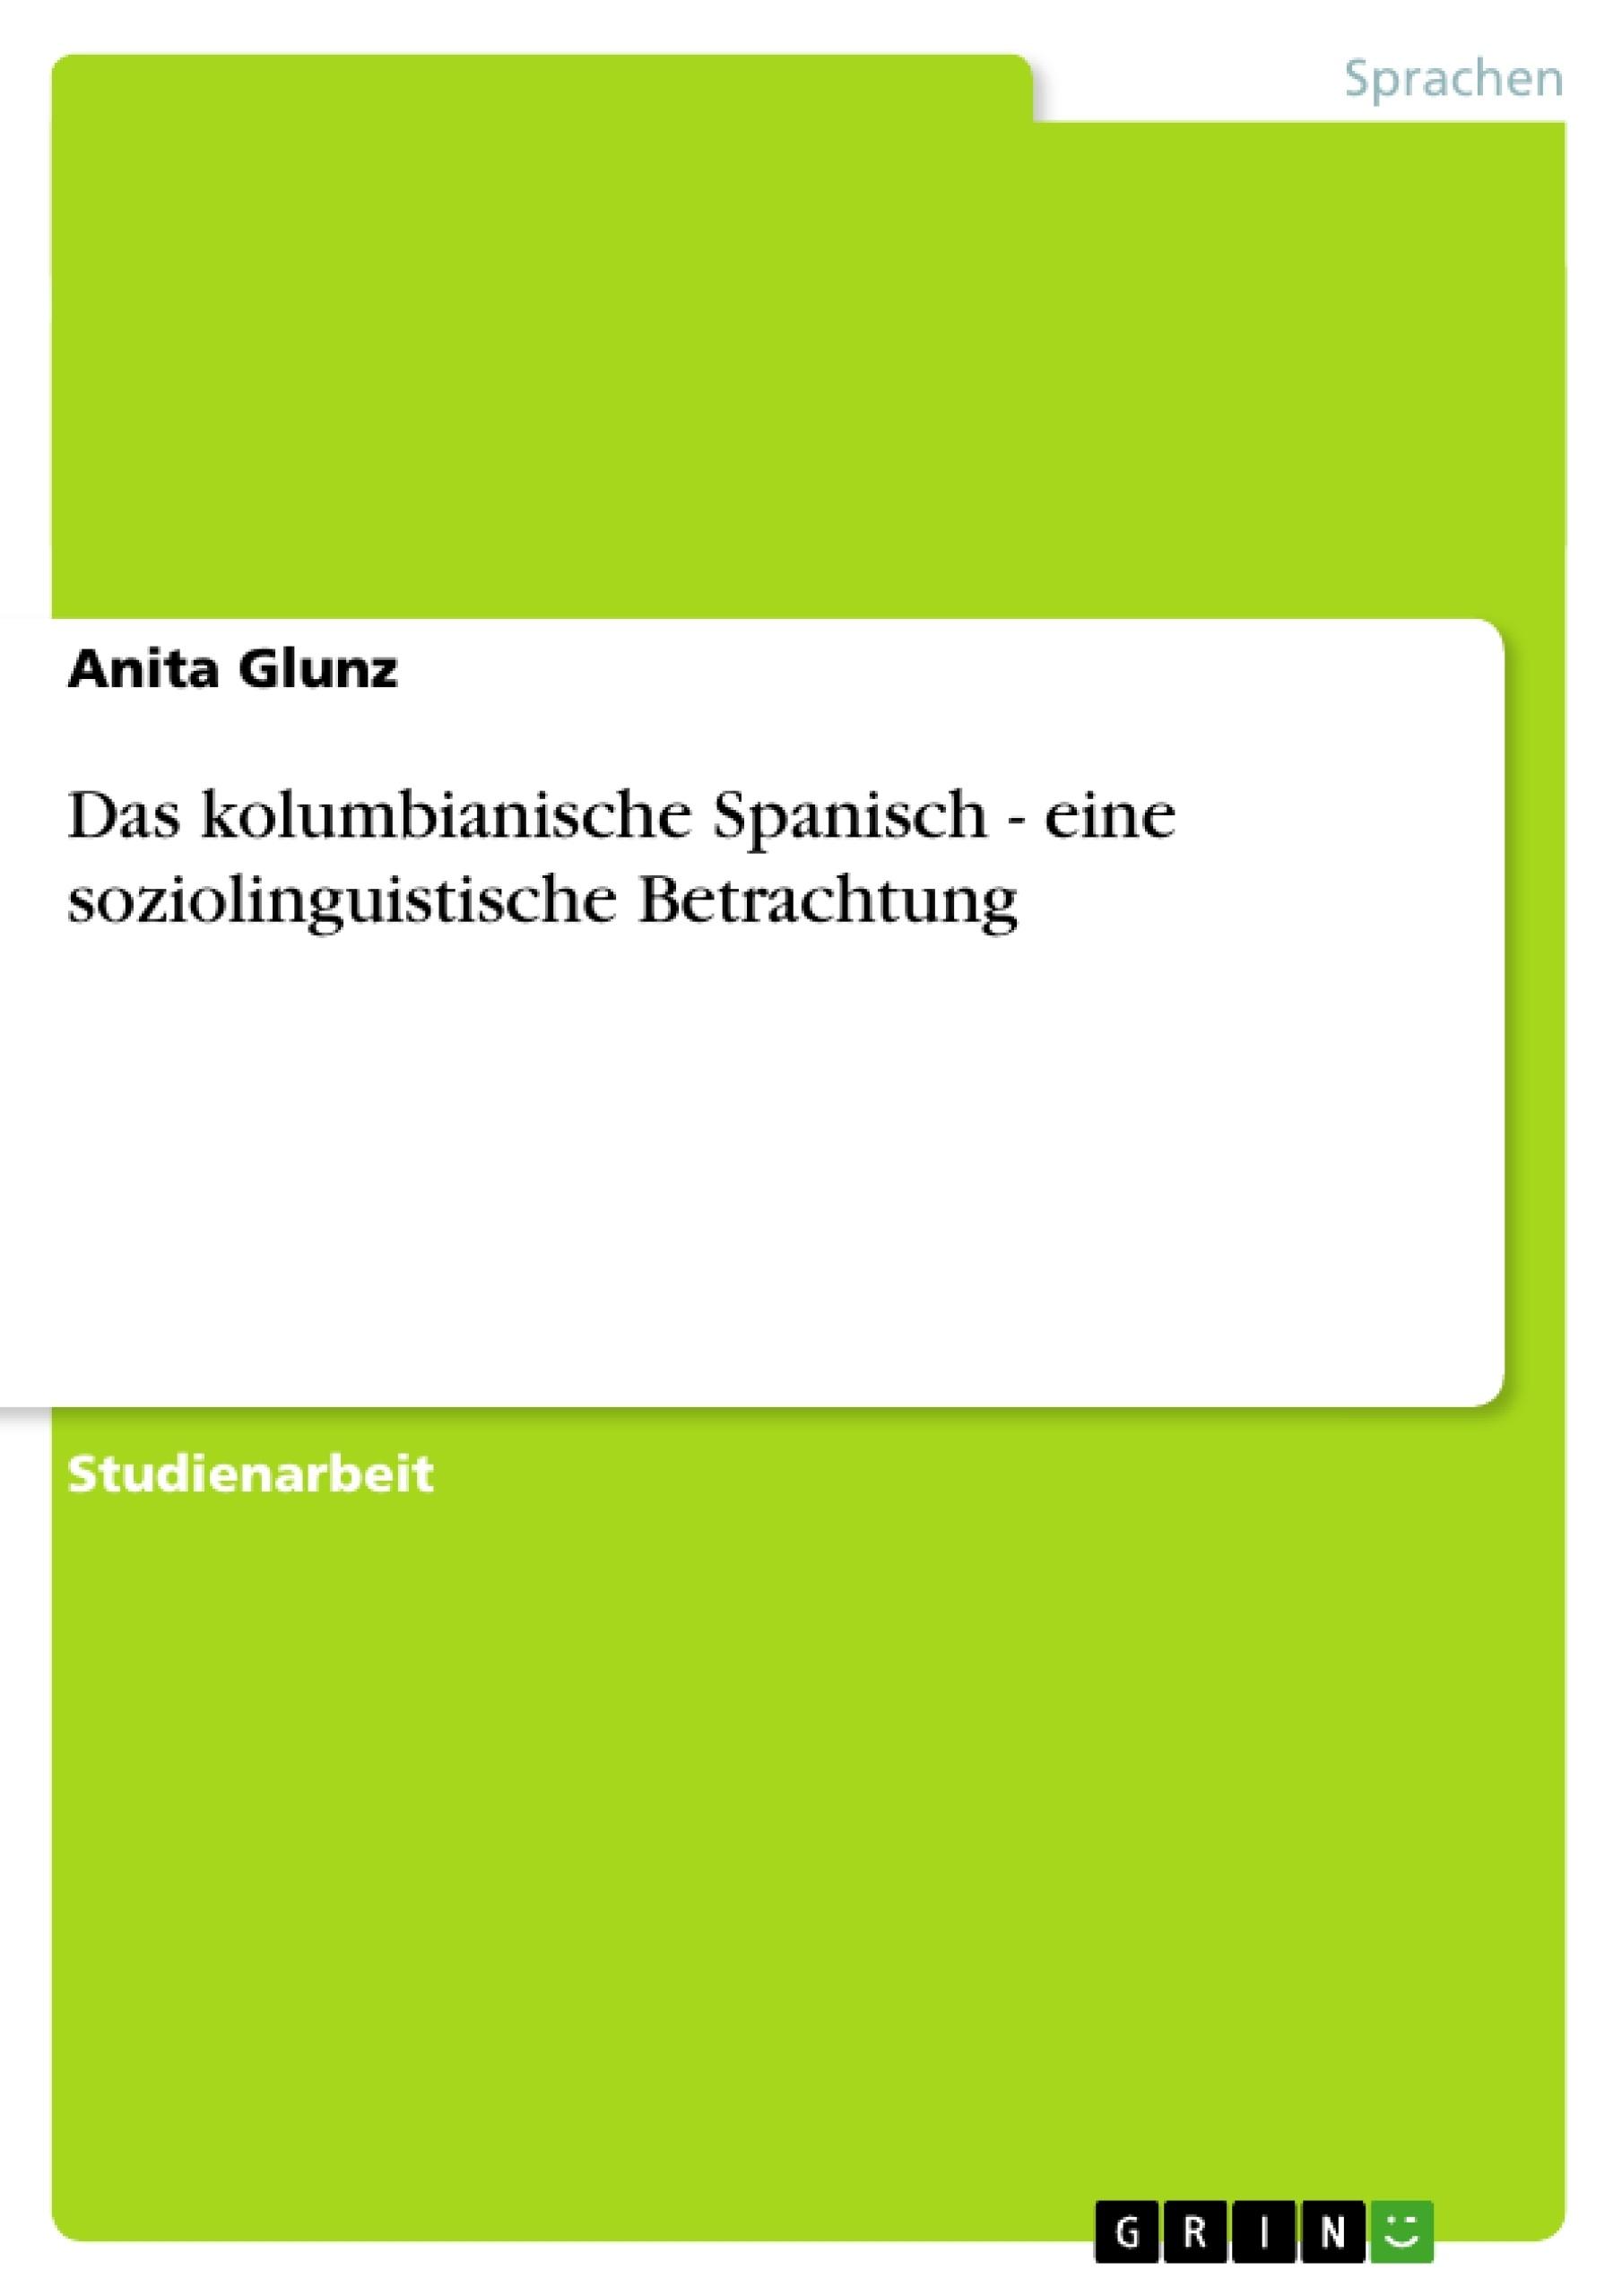 Titel: Das kolumbianische Spanisch - eine soziolinguistische Betrachtung